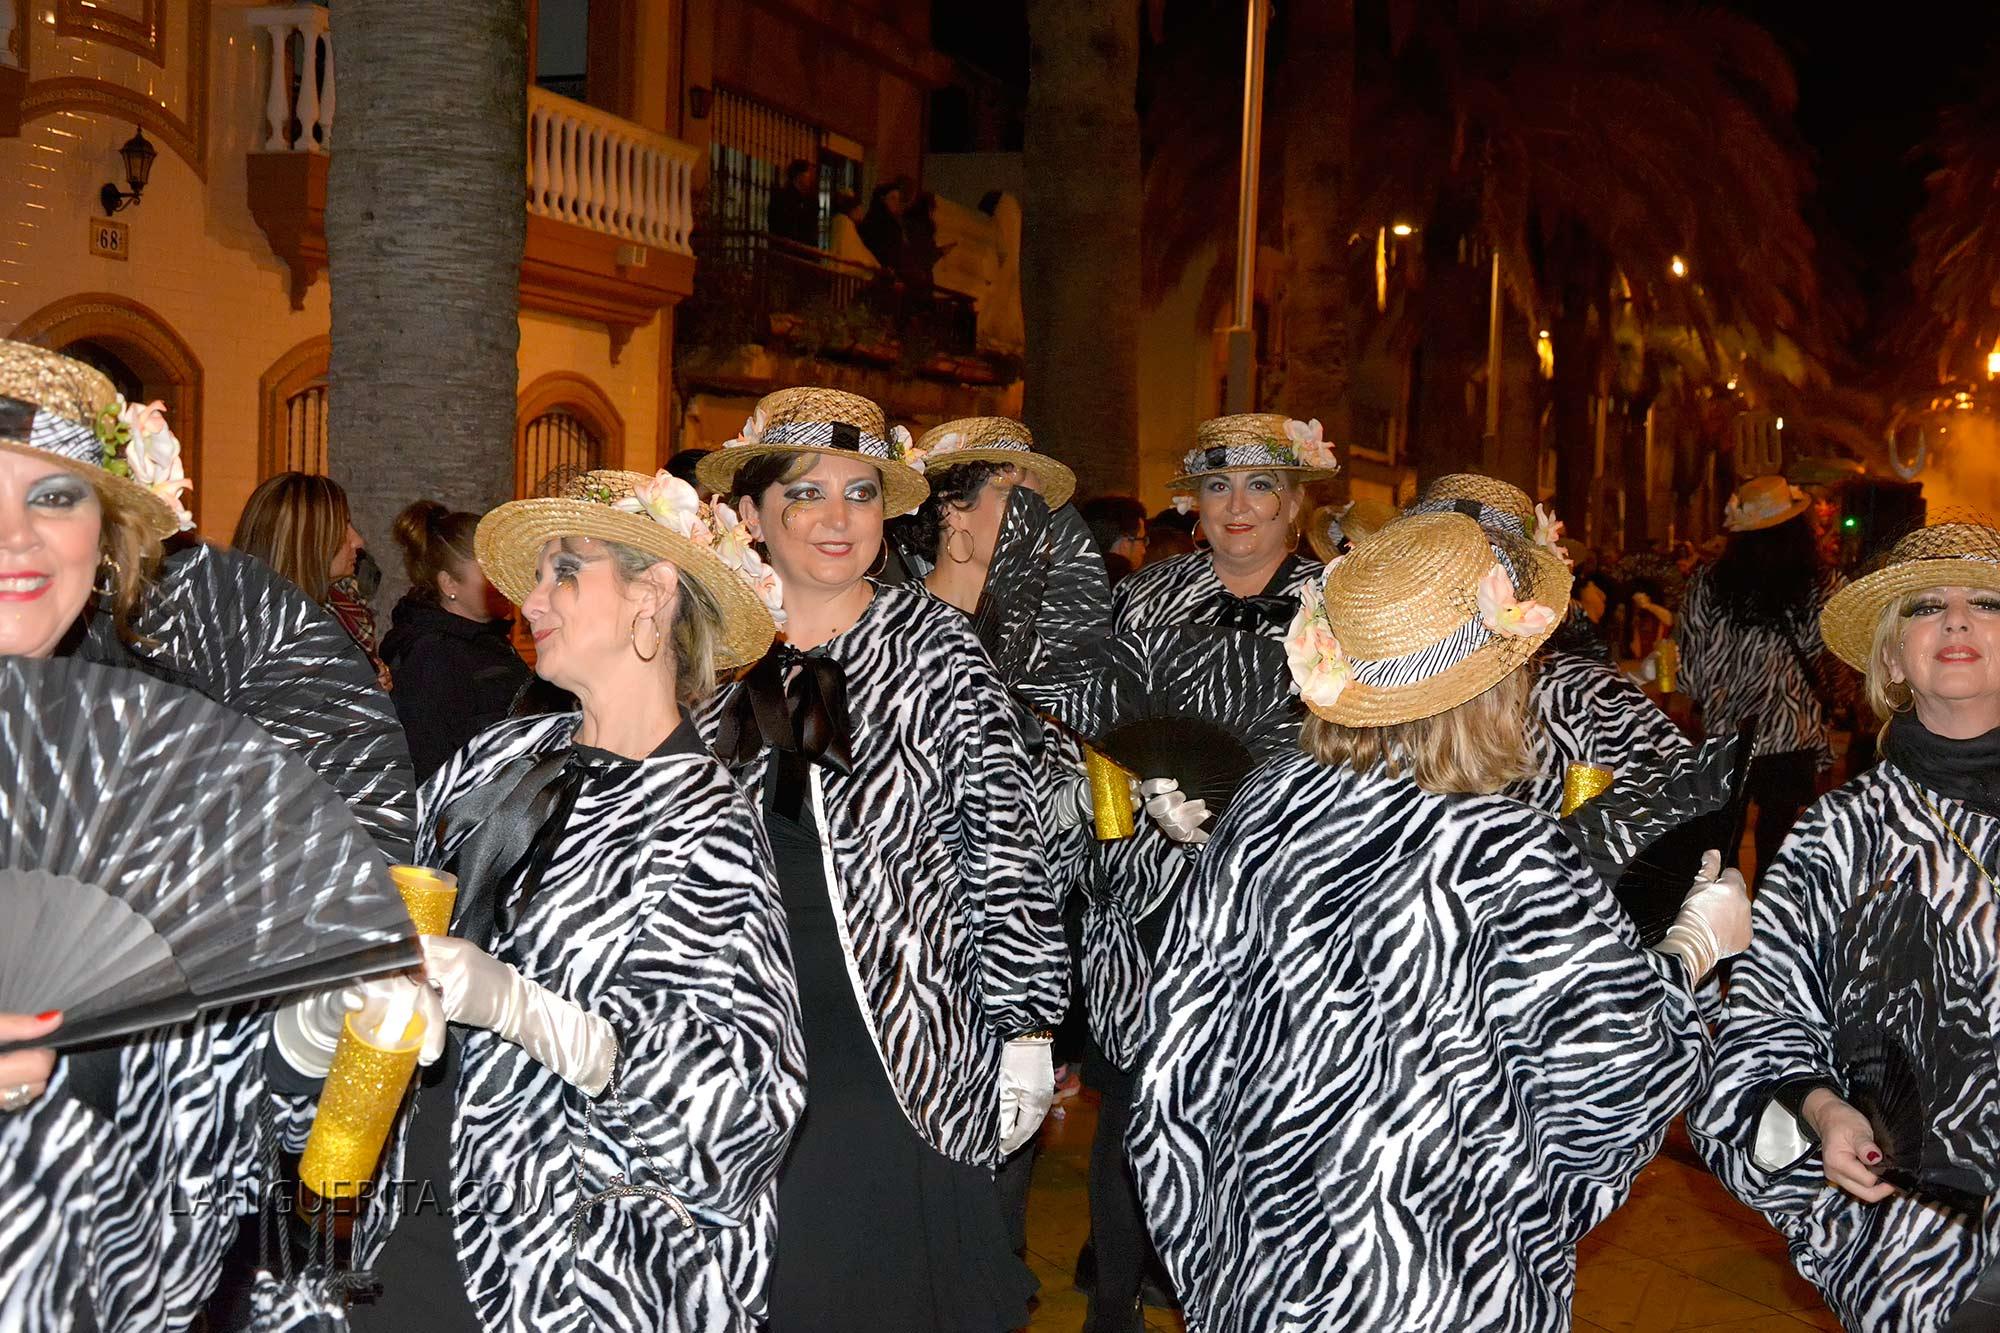 Entierro de la sardina carnaval isla cristina _DSC2215